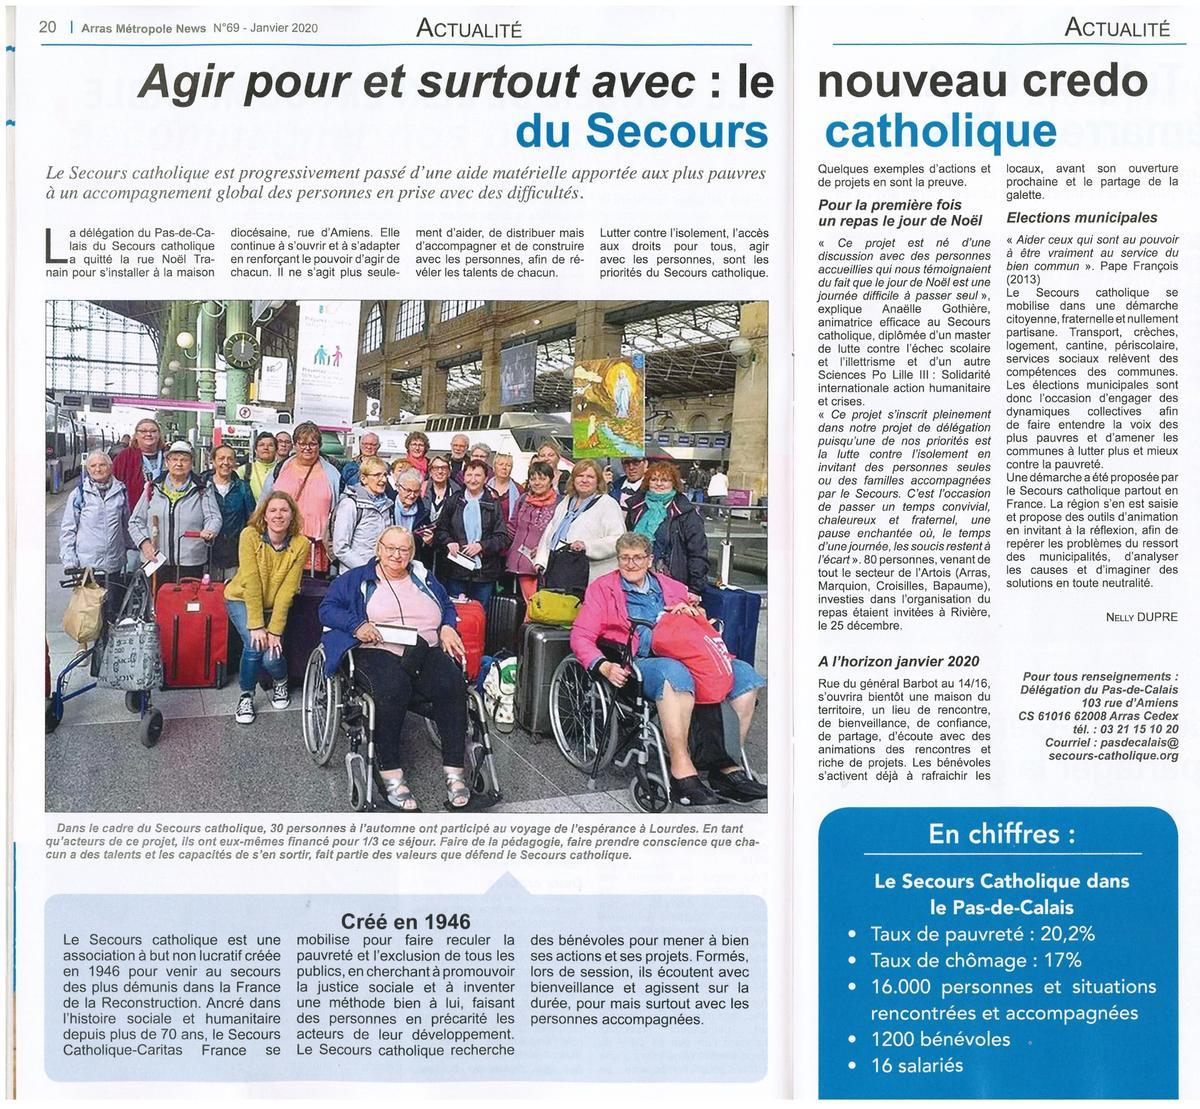 Secours catholique Noel 2019 Arras métropole - janvier 2020